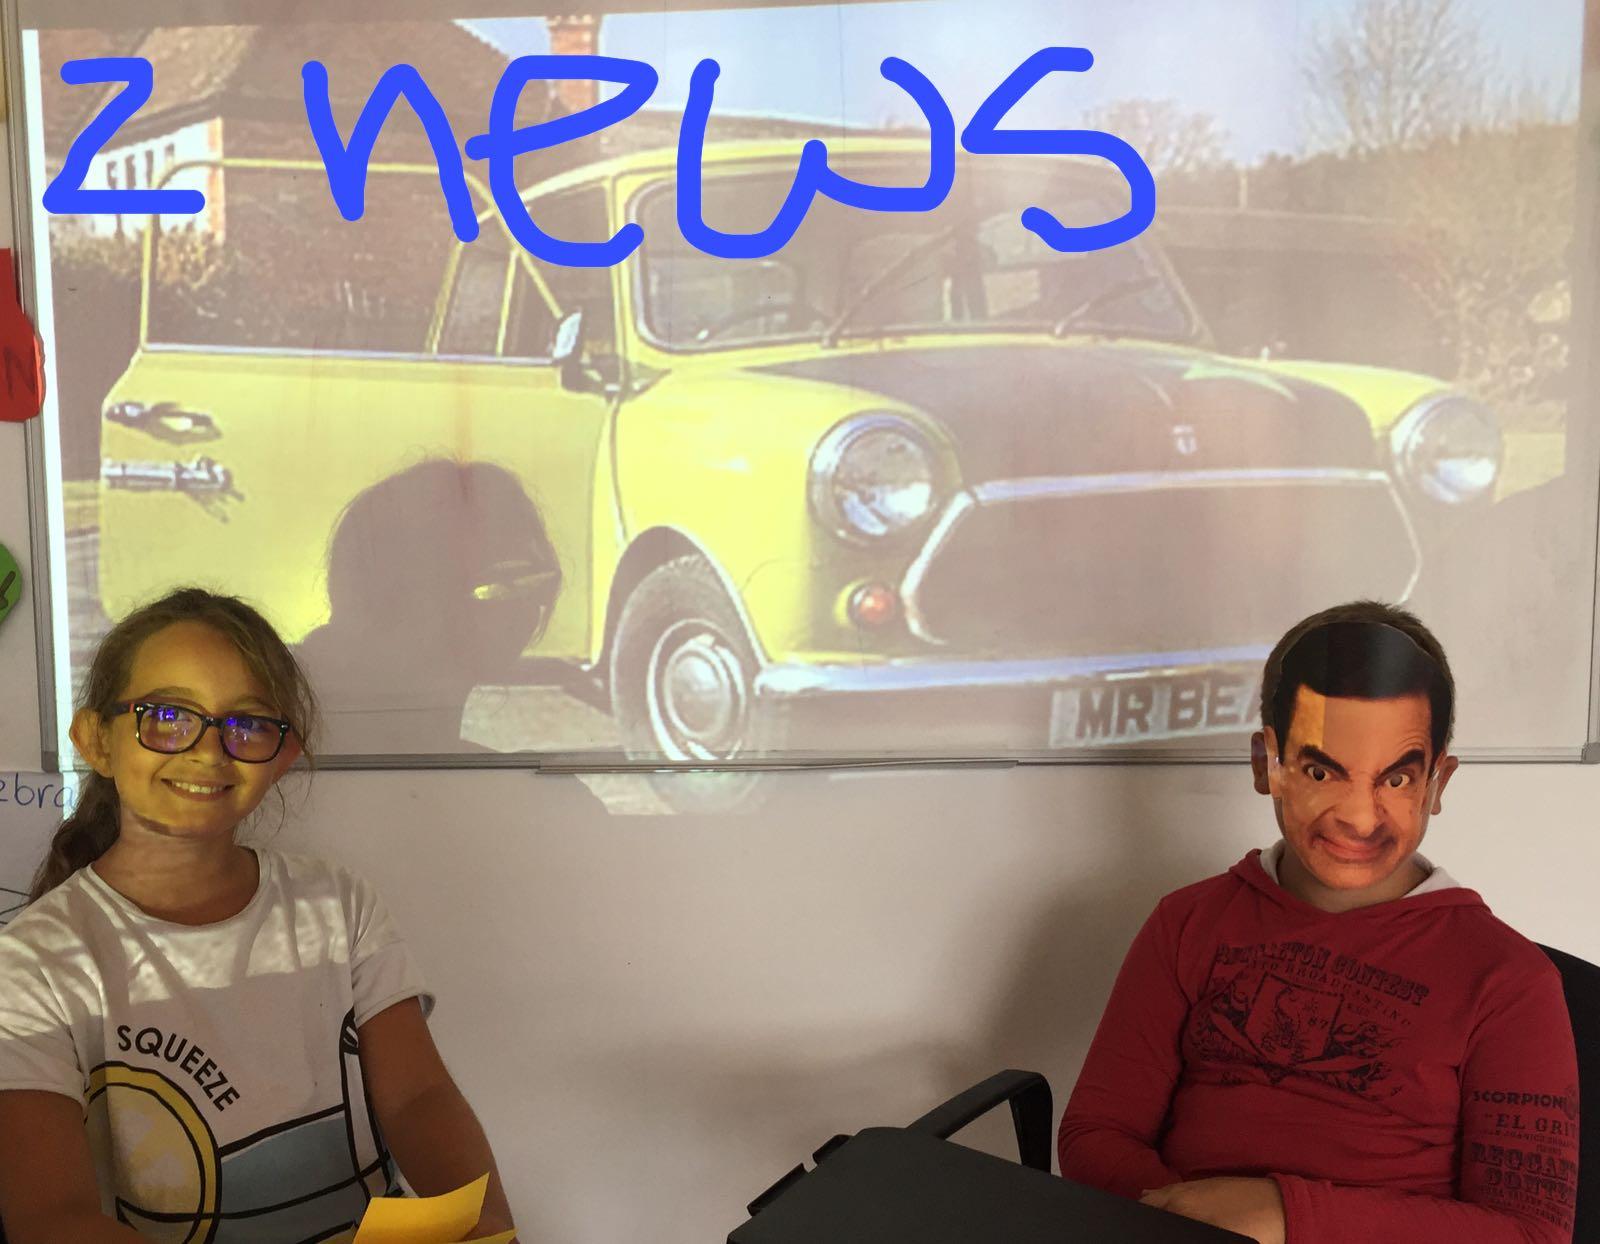 езиков детски лагер на морето Z кемп, Ден 21 - Z новини - момче с лице на Мистър Бийн и момиче до него